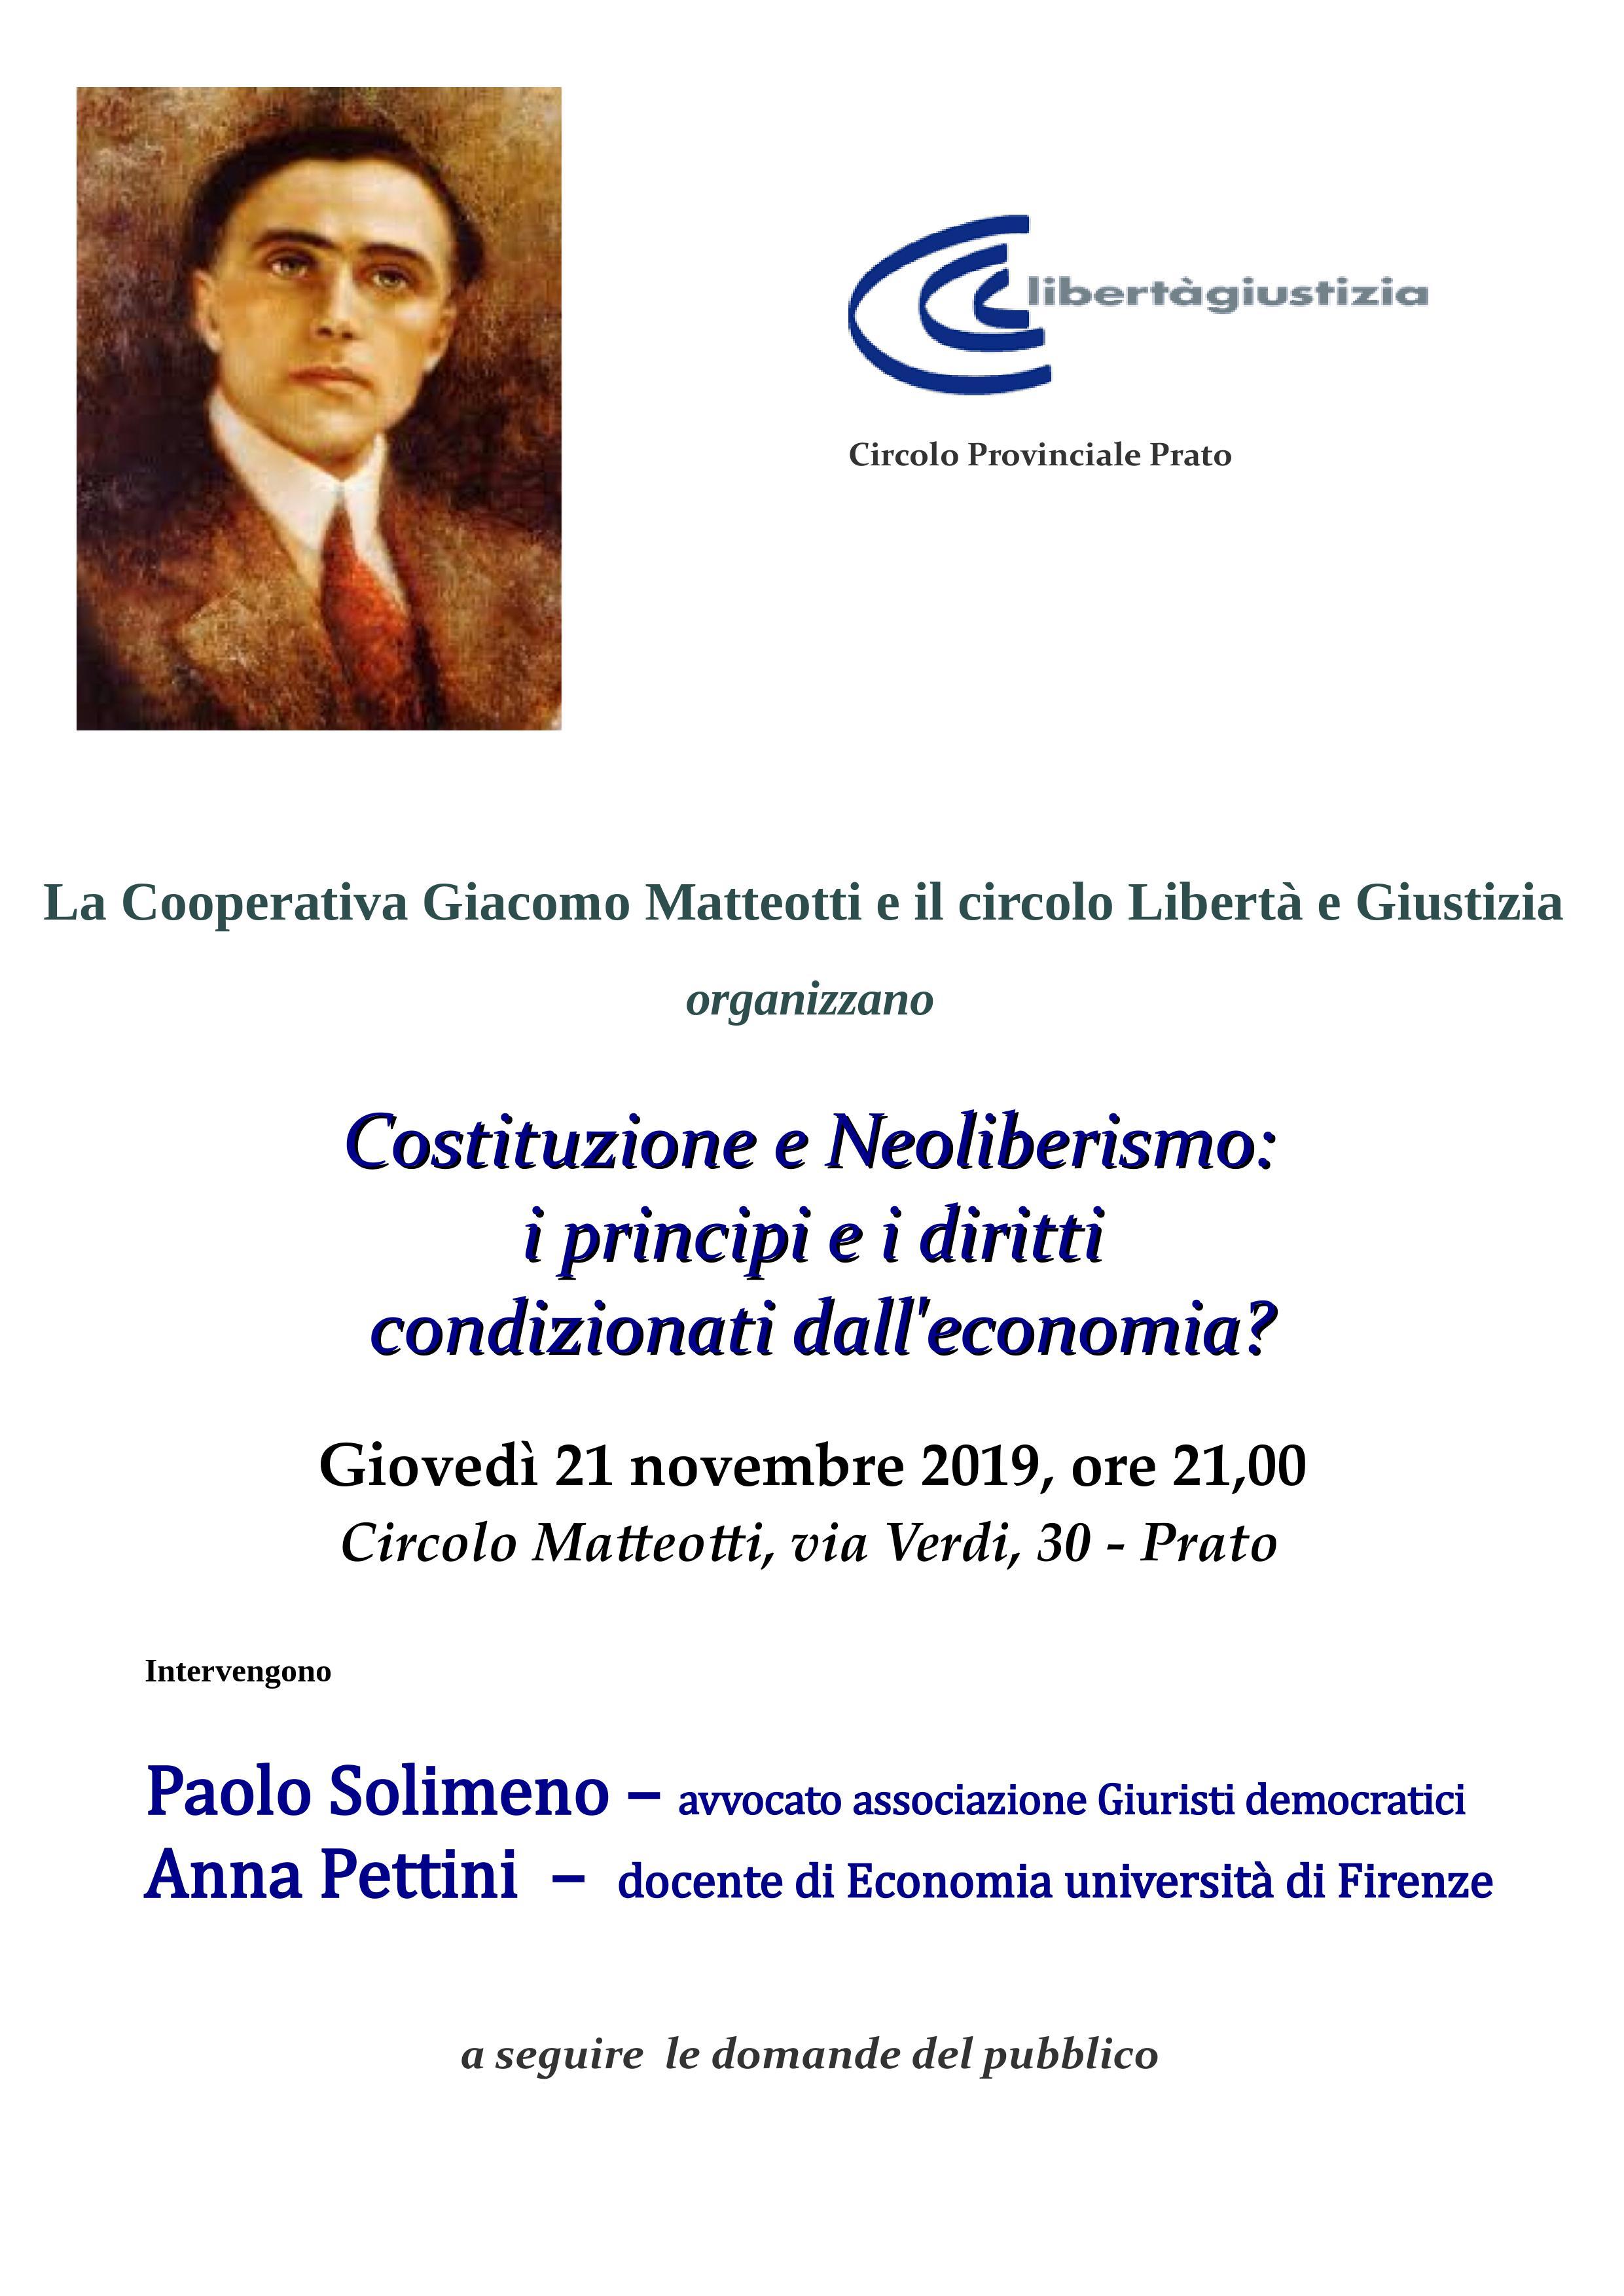 Costituzione e Neoliberismo